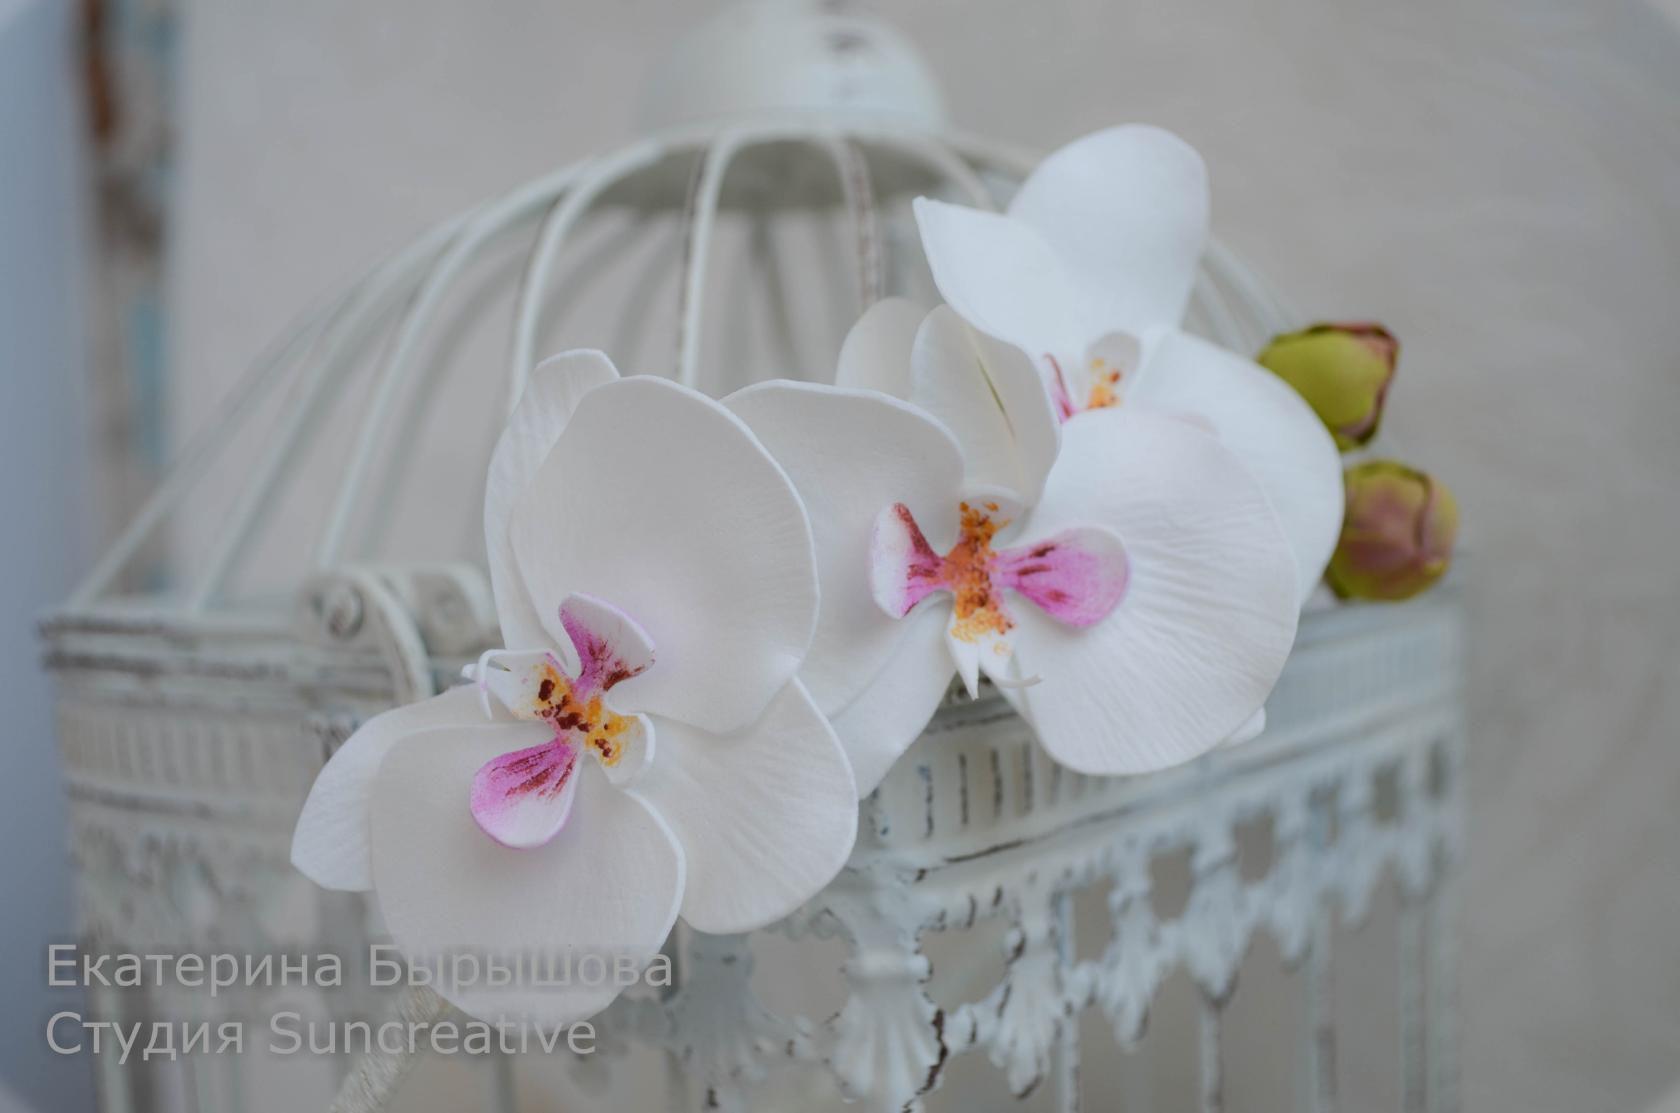 пенза. фаленопсис ободок украшение праздник фоамиран орхидея аксессуар